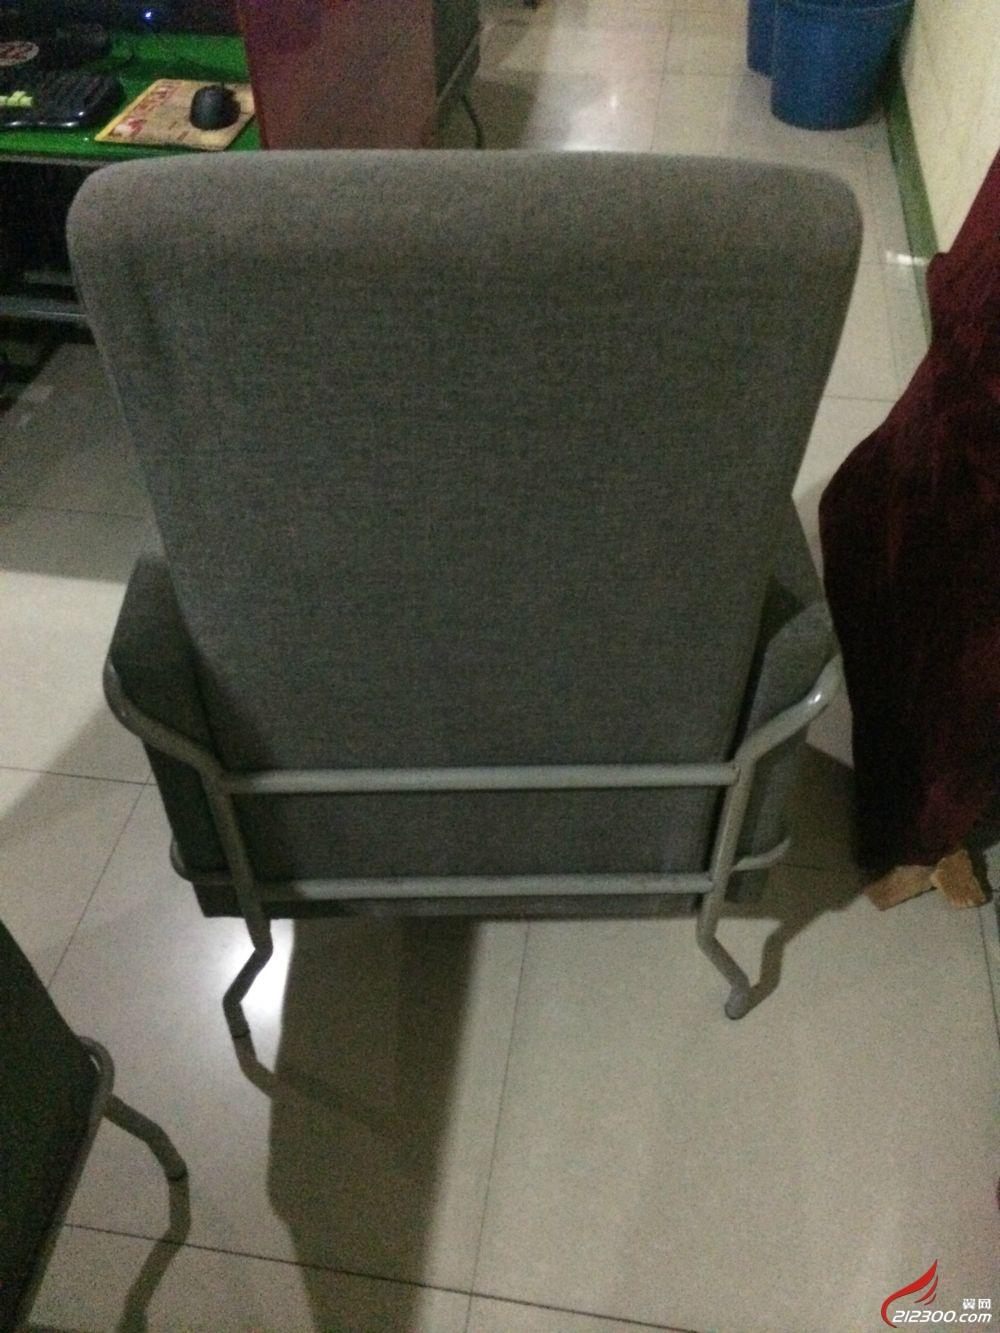 有60多张,因为是网吧椅子有点脏可以洗掉,是布做的,可以